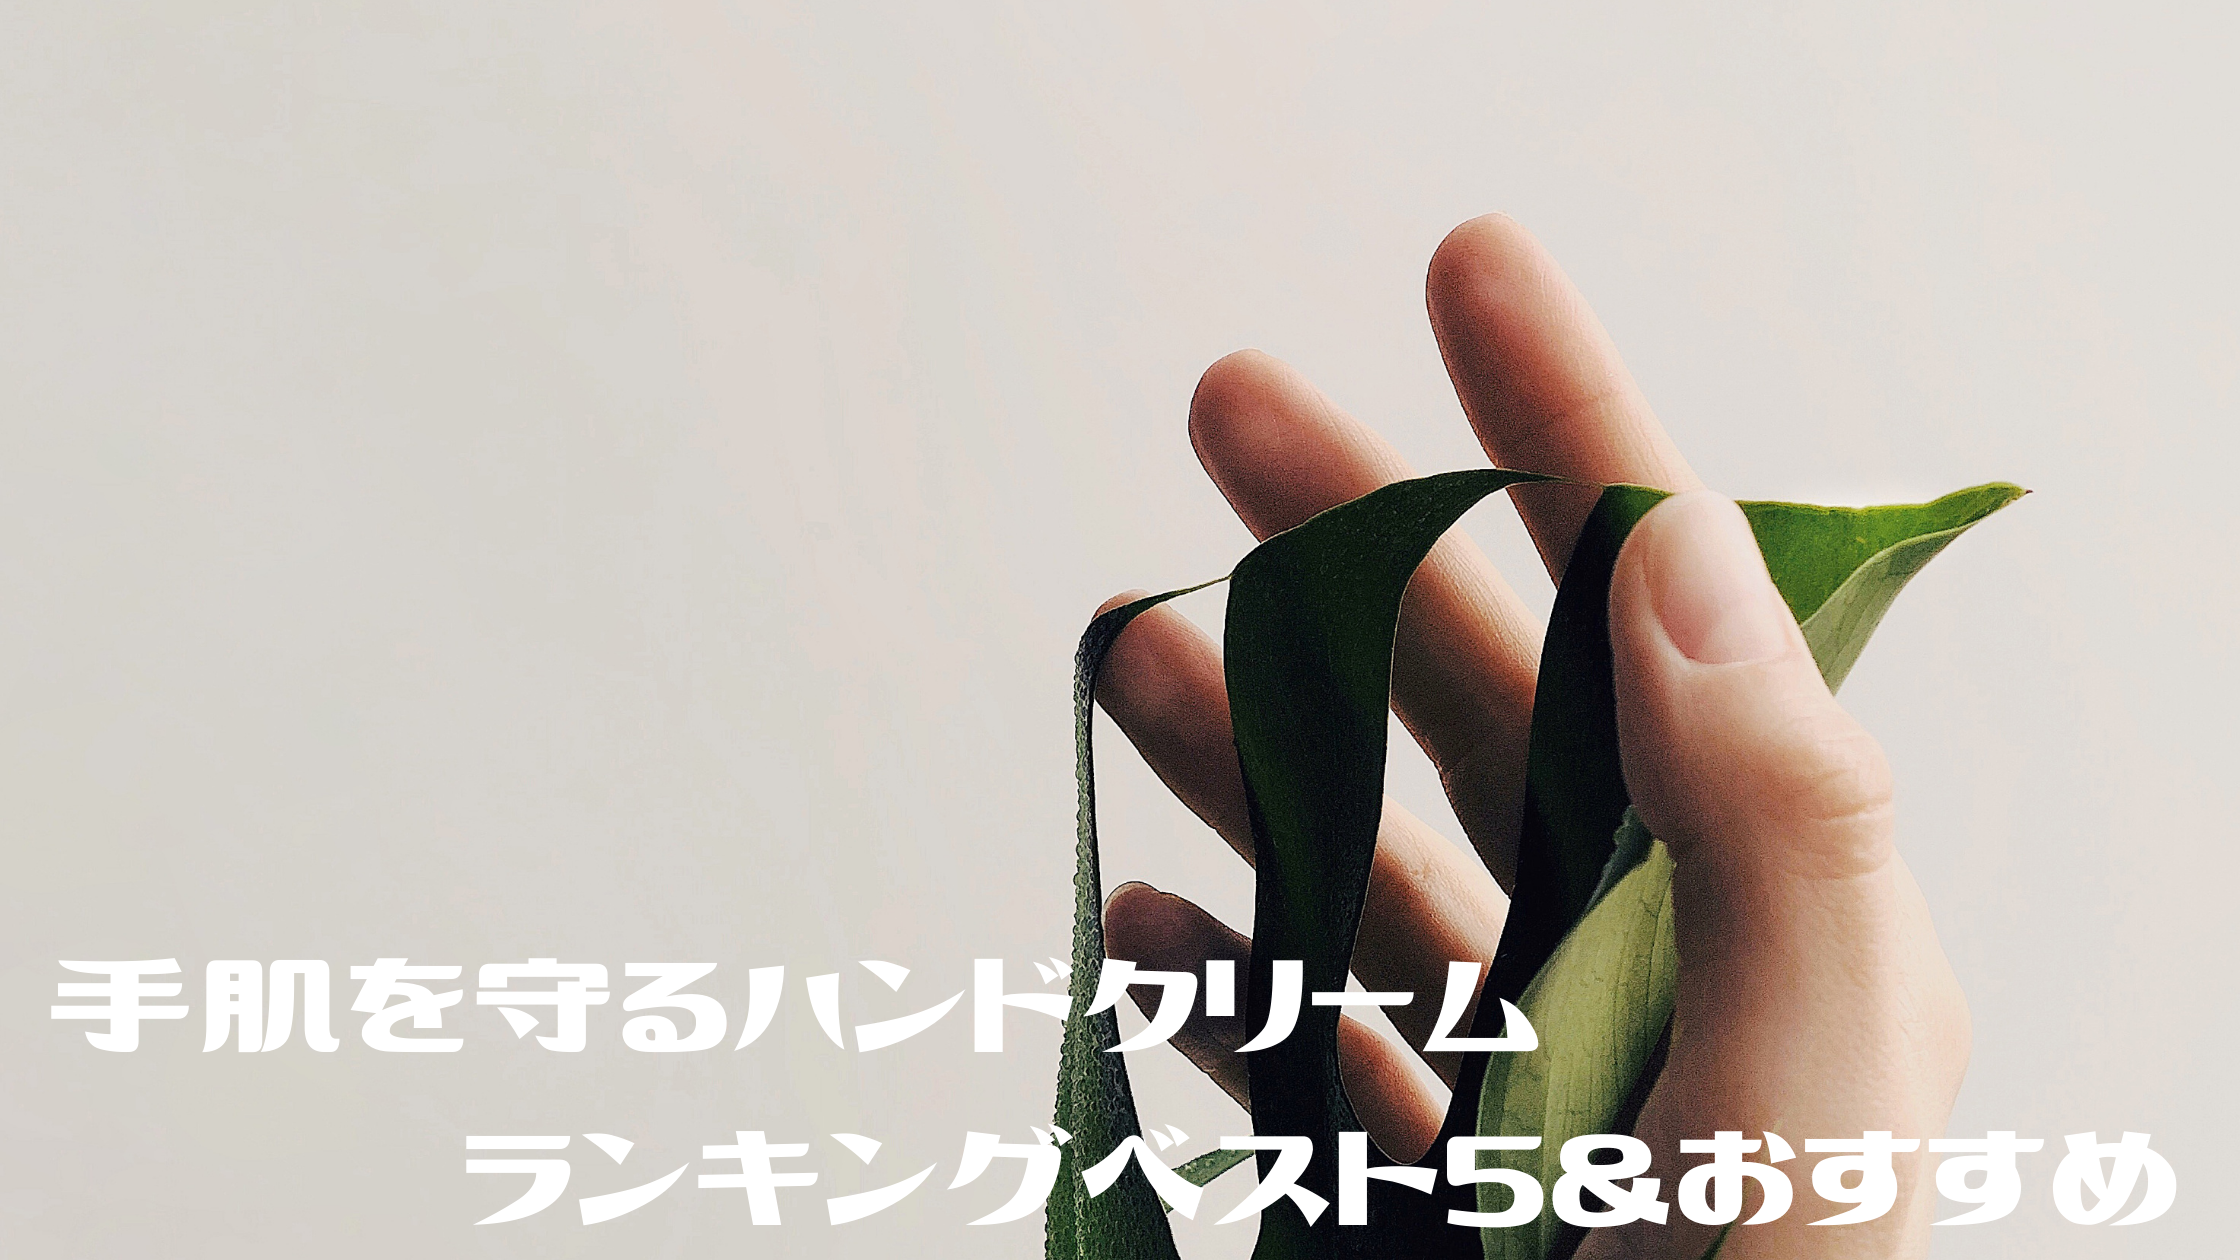 【めざましテレビ】ハンドクリーム『手肌を守る保湿&消毒』『ネイリストに人気』『経済産業省も認めた』 ランキングベスト5